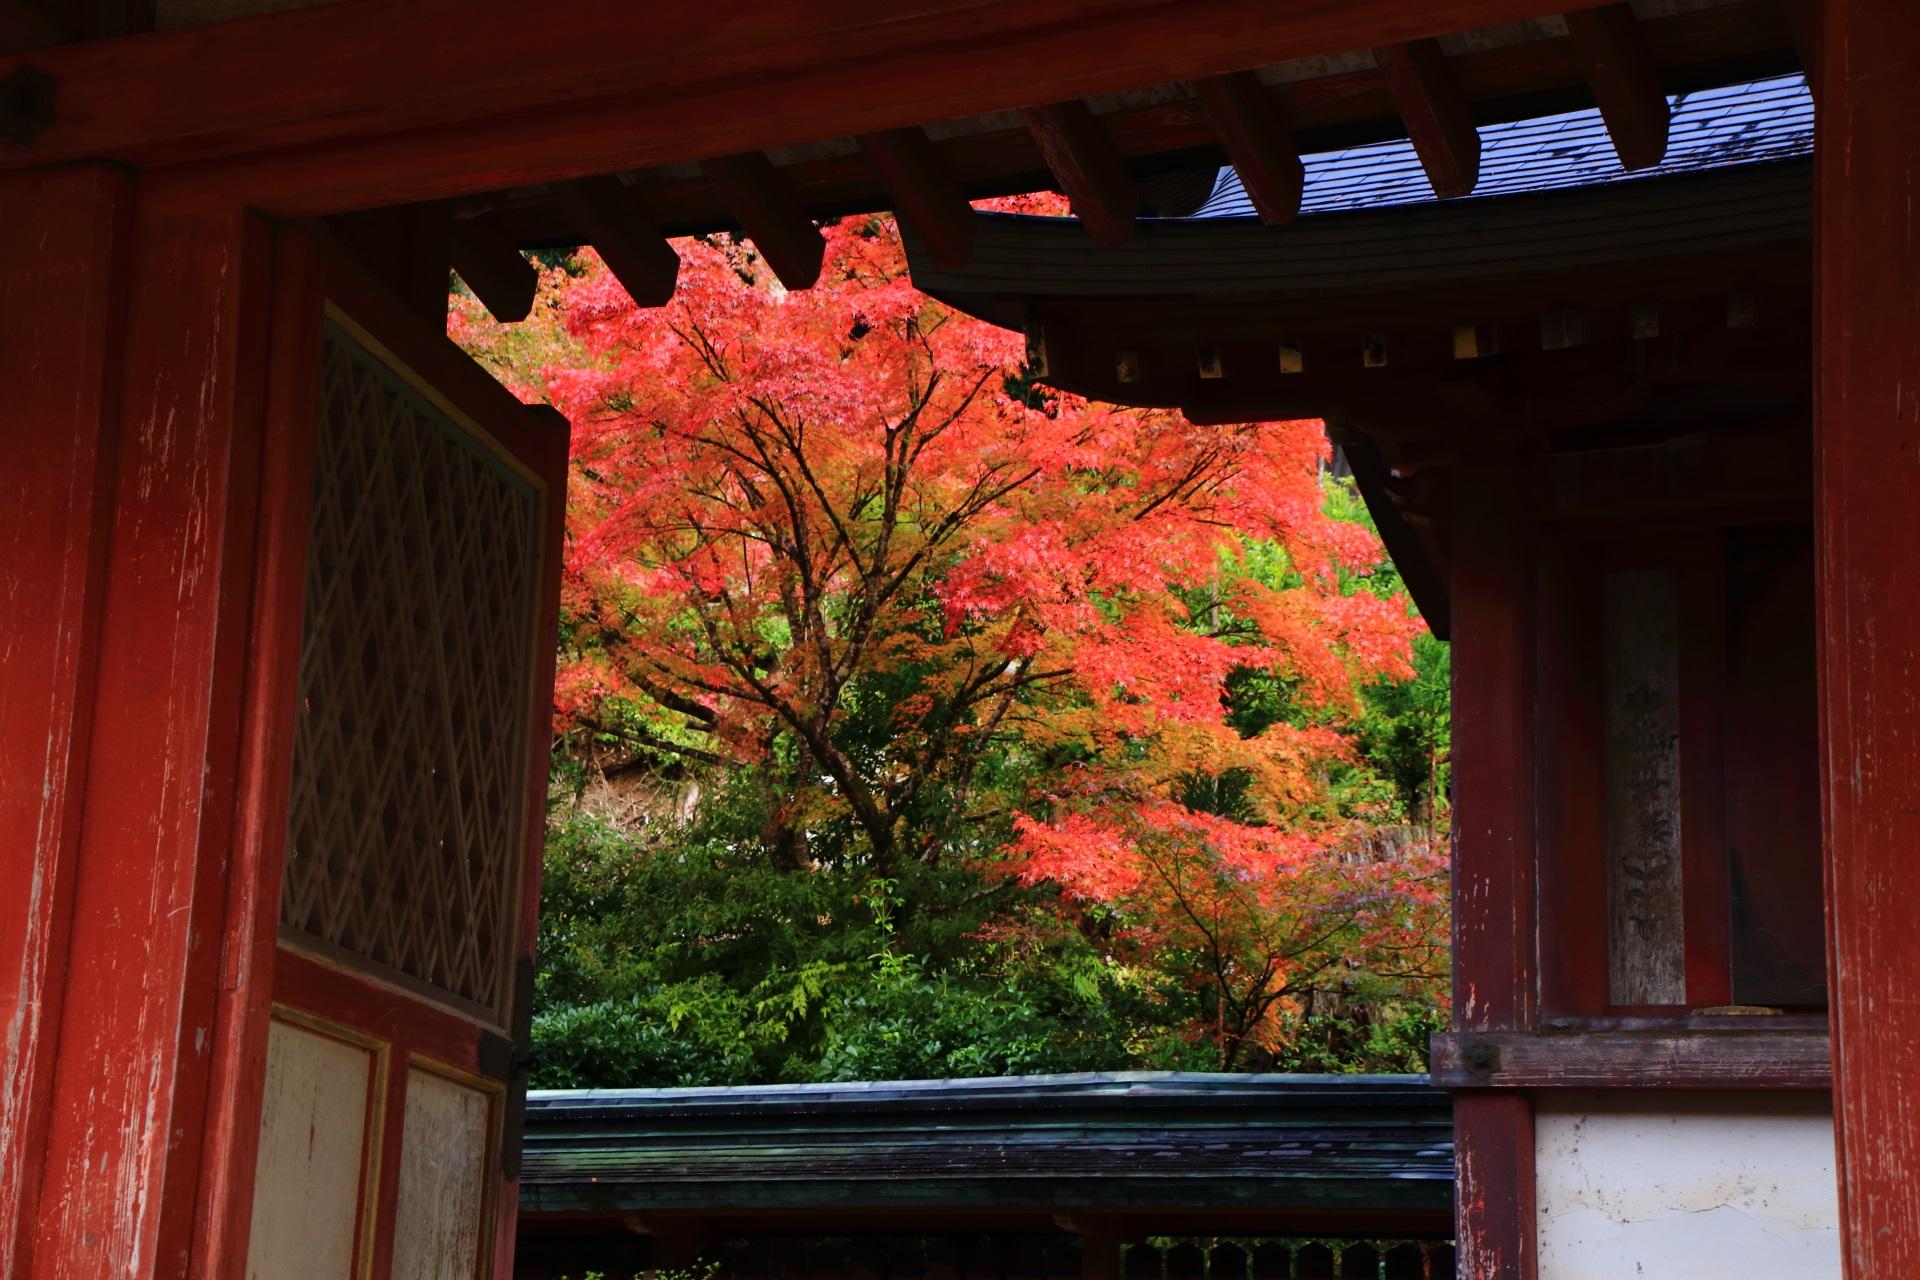 和気清麻呂公霊廟の門の間からのぞく爽やかな朱色の紅葉